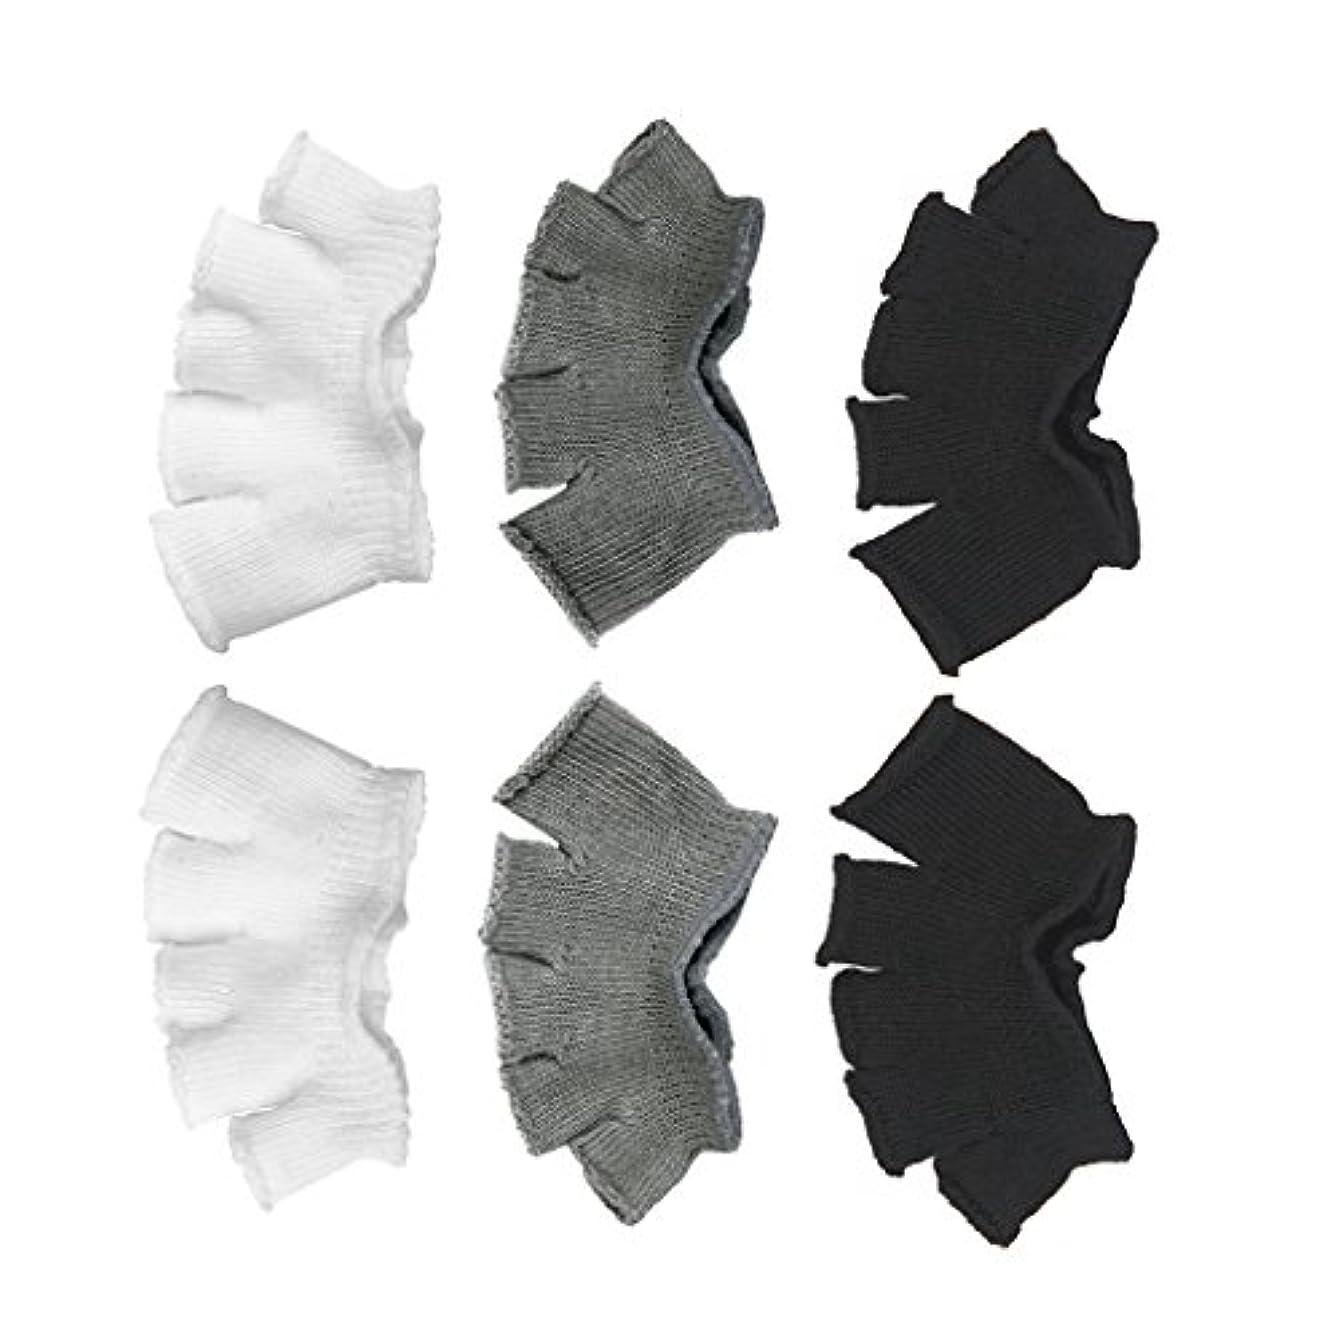 驚いたクロニクル暴行Footful 5本指カバー 爽快指の間カバー 3色(12枚入) 6ペア 男女兼用 足の臭い対策 抗菌 防臭 フットカバー ブラック/ホワイト/グレー